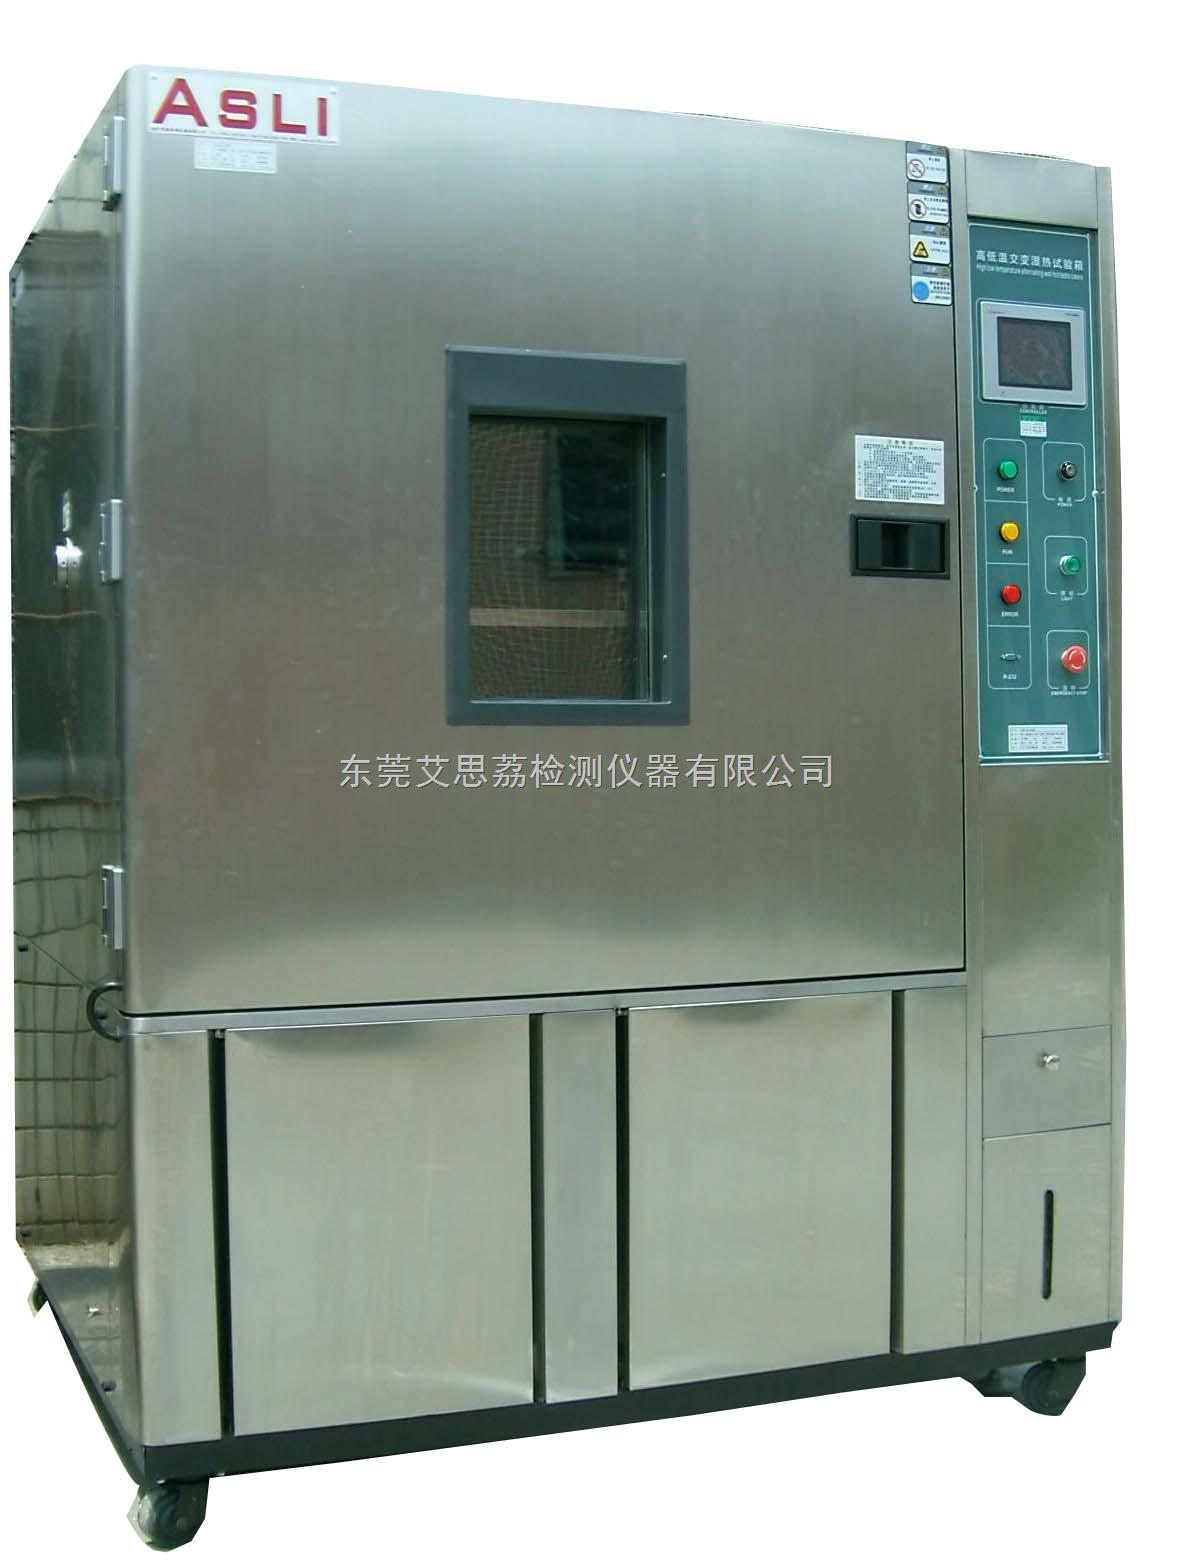 烟草恒温恒湿箱设备,恒温恒湿测试仪